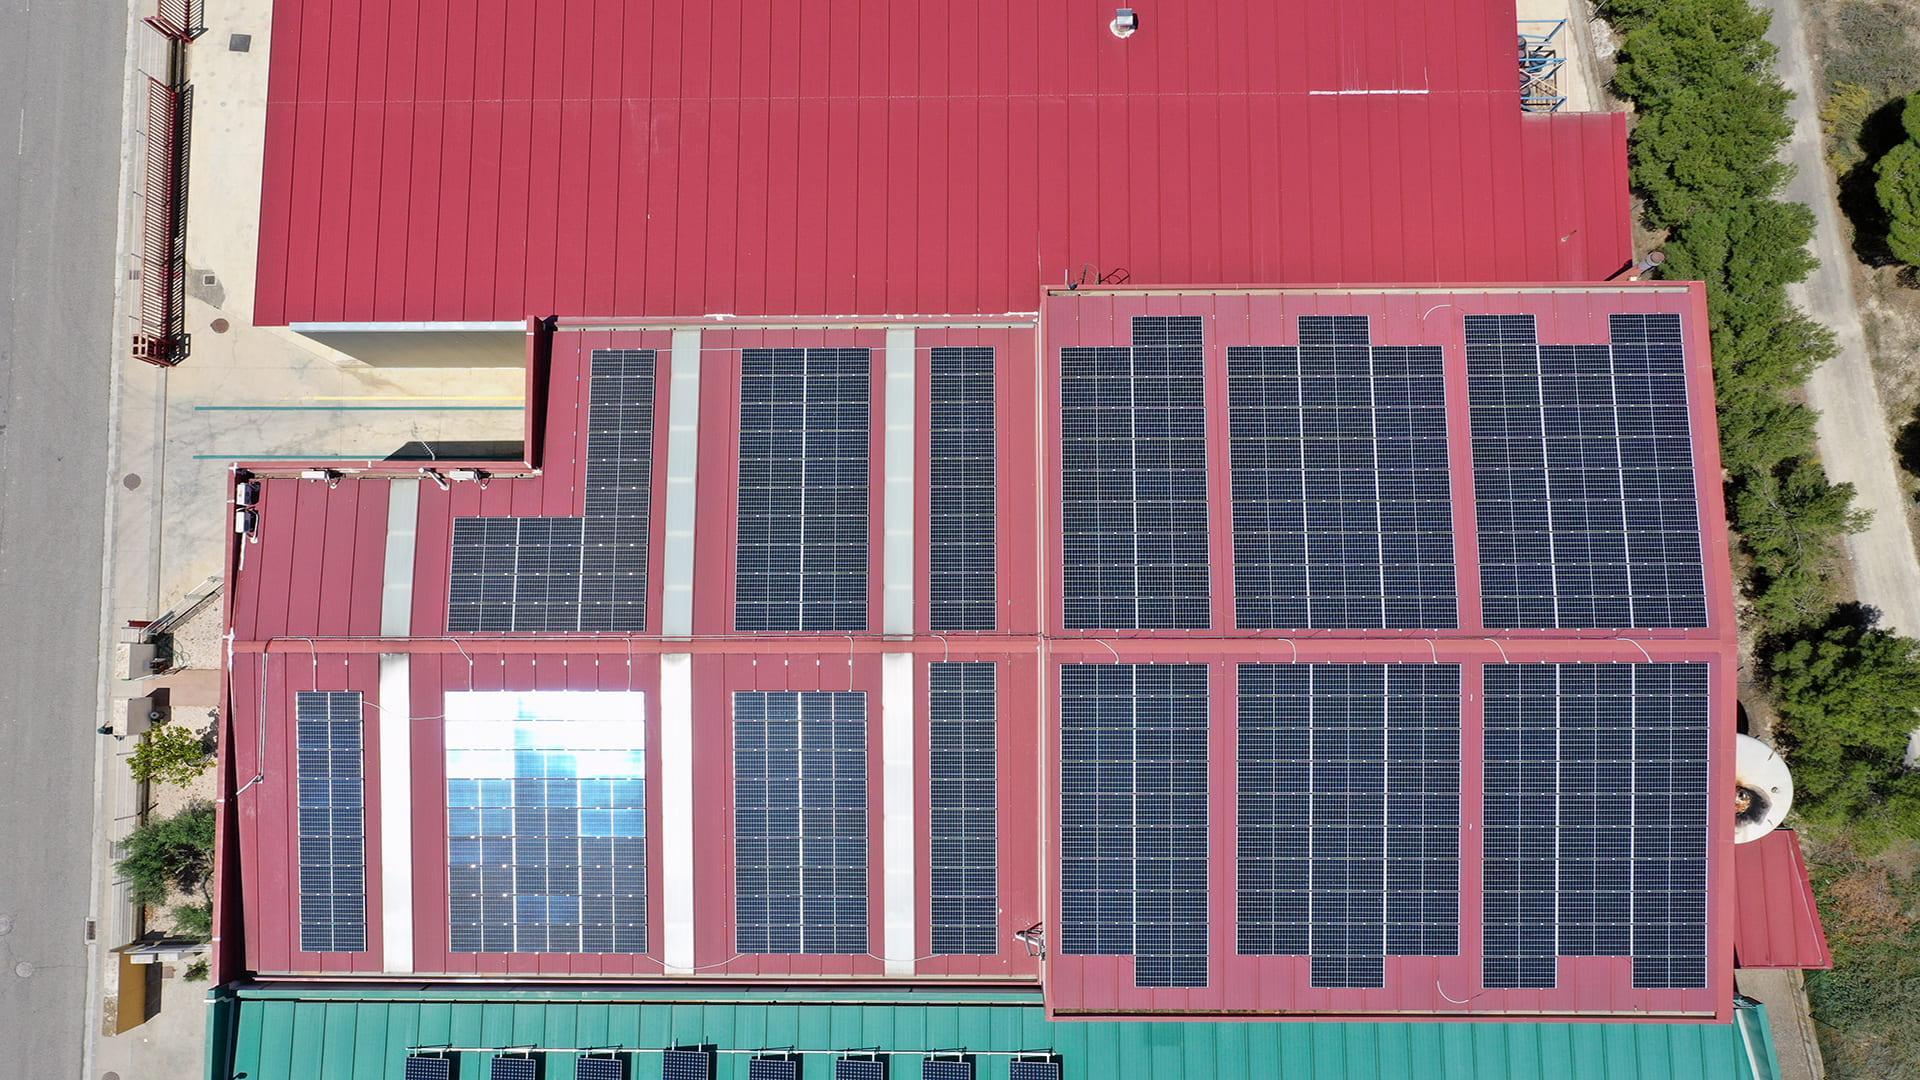 Instalación fotovoltaica de autoconsumo en Importaciones Samanes | EiDF